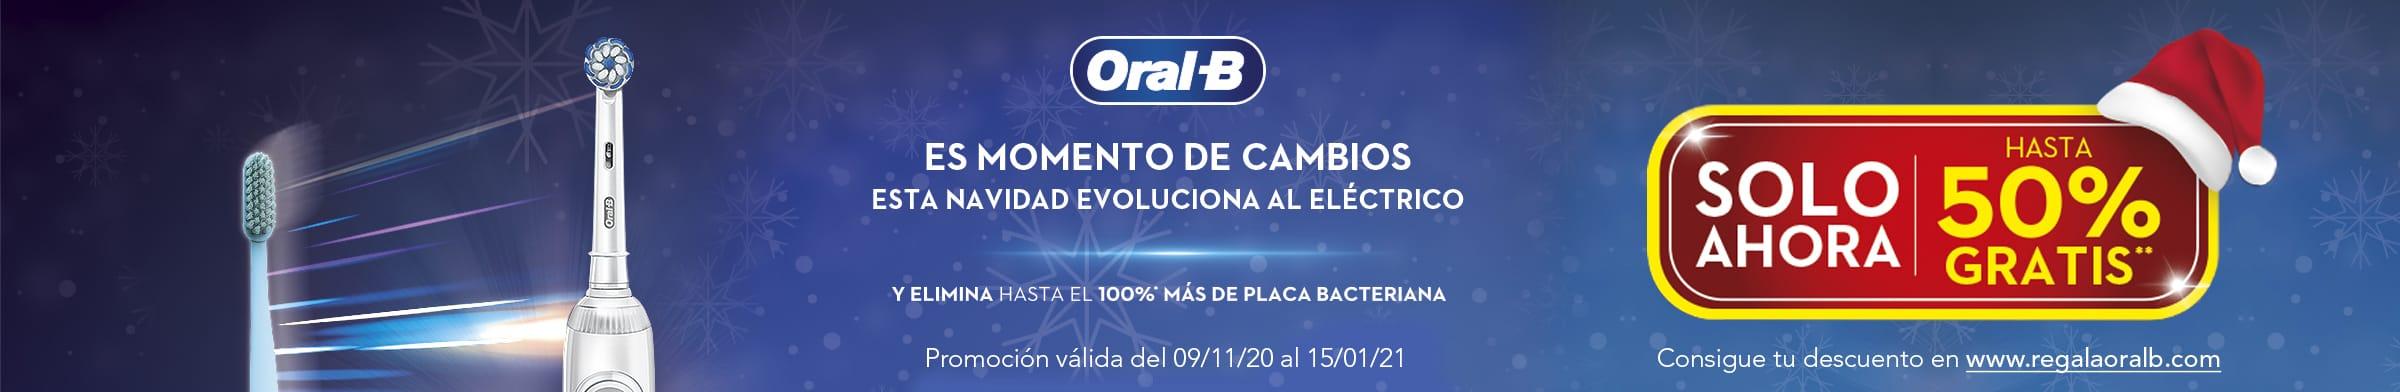 ORAL B: Esta Navidad evoluciona al eléctrico